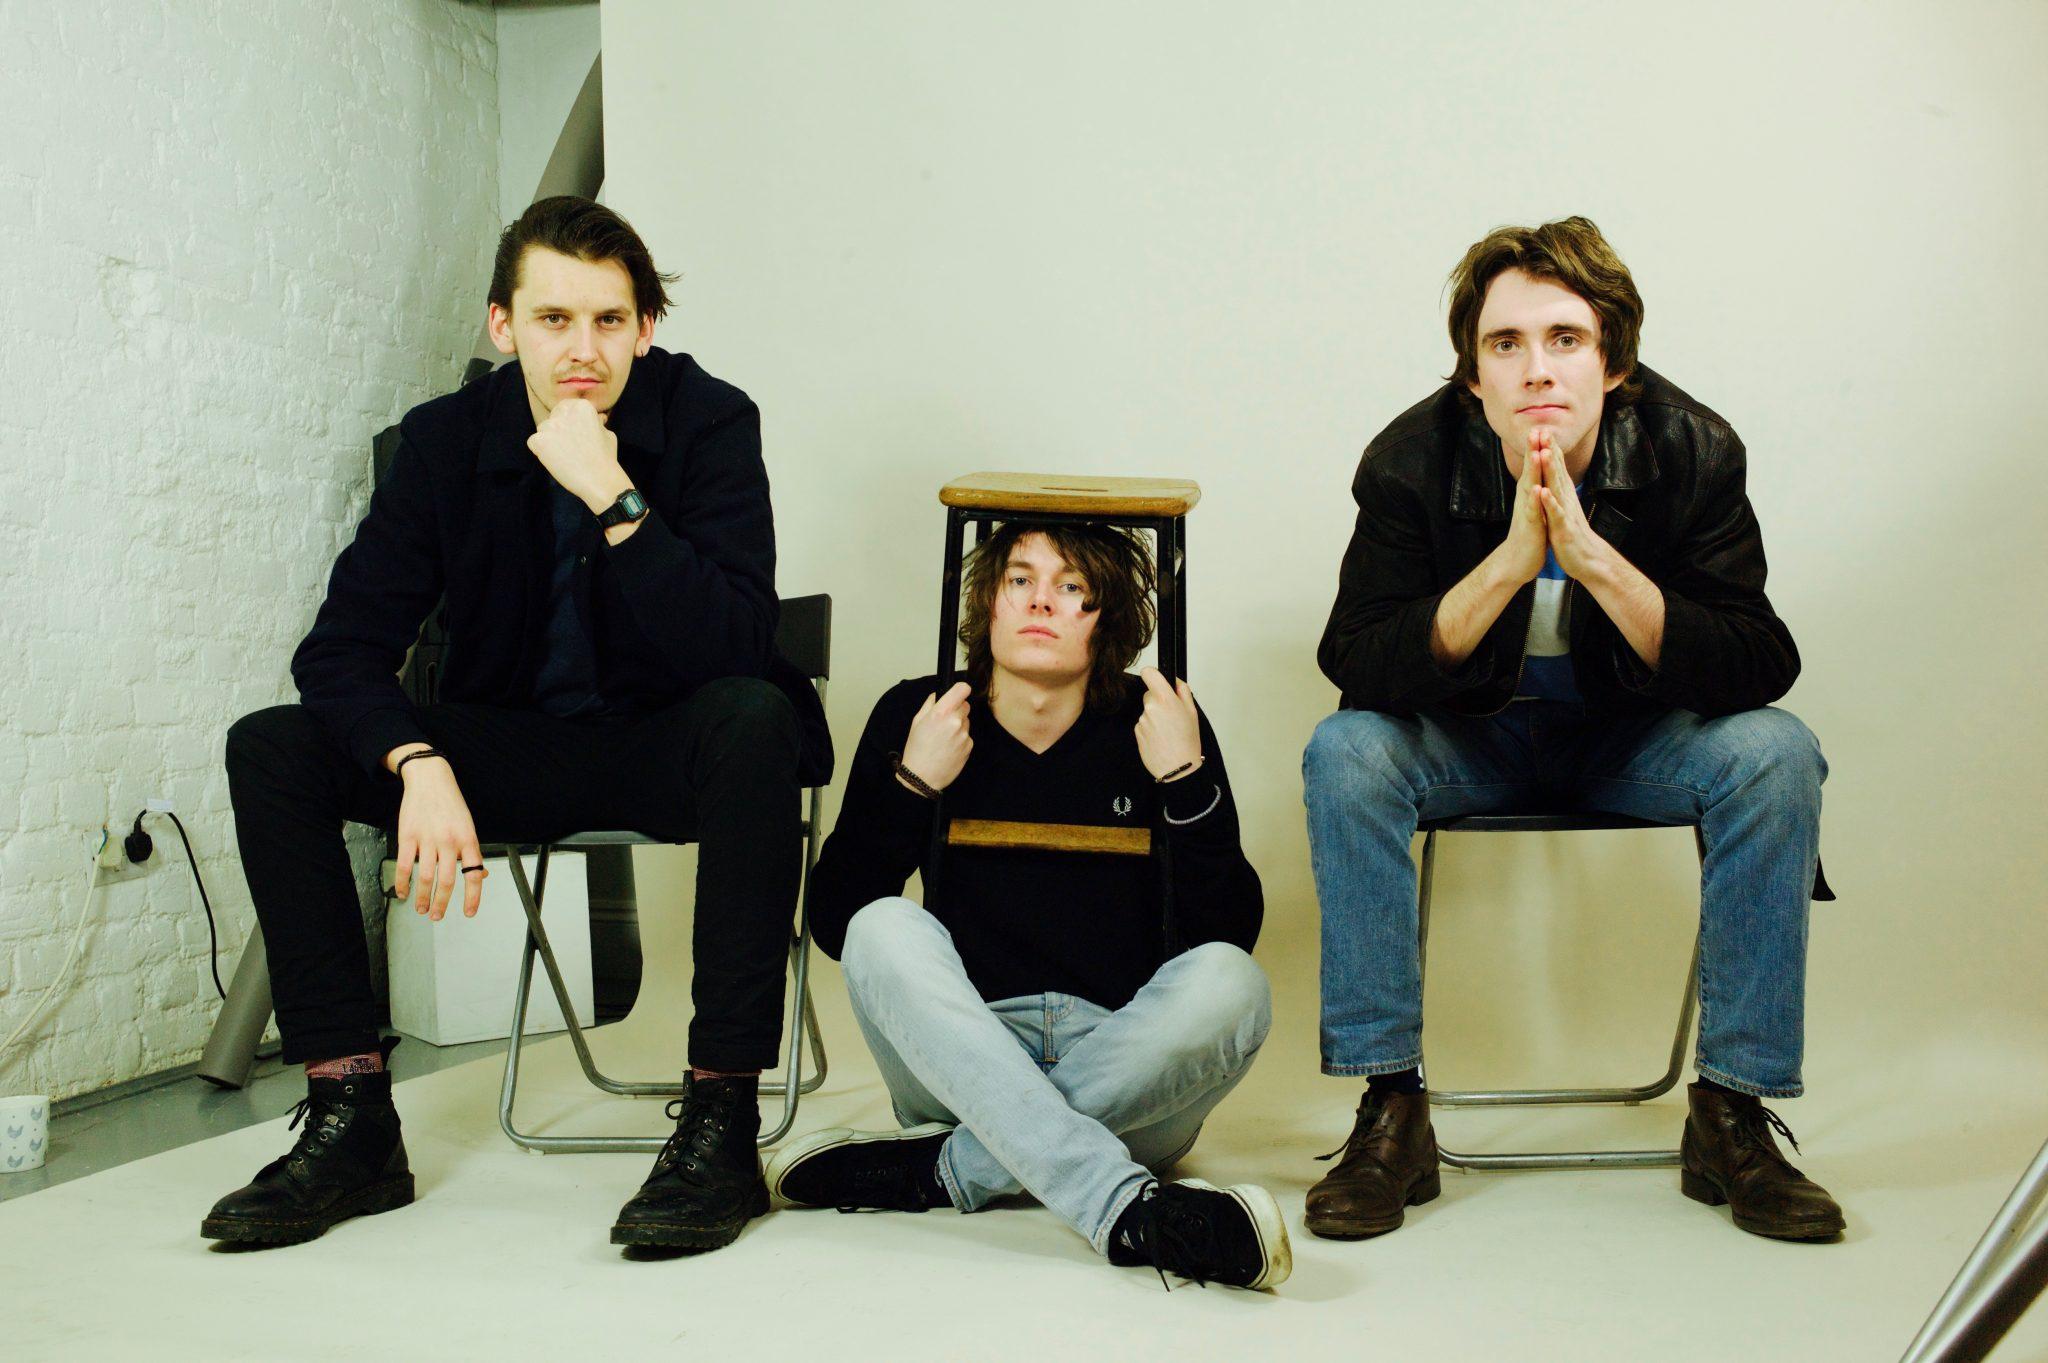 music video-twentynothing-twentynothing by false heads-indie music-indie rock-punk rock-uk-music blog-wolfinasuit-wolf in a suit